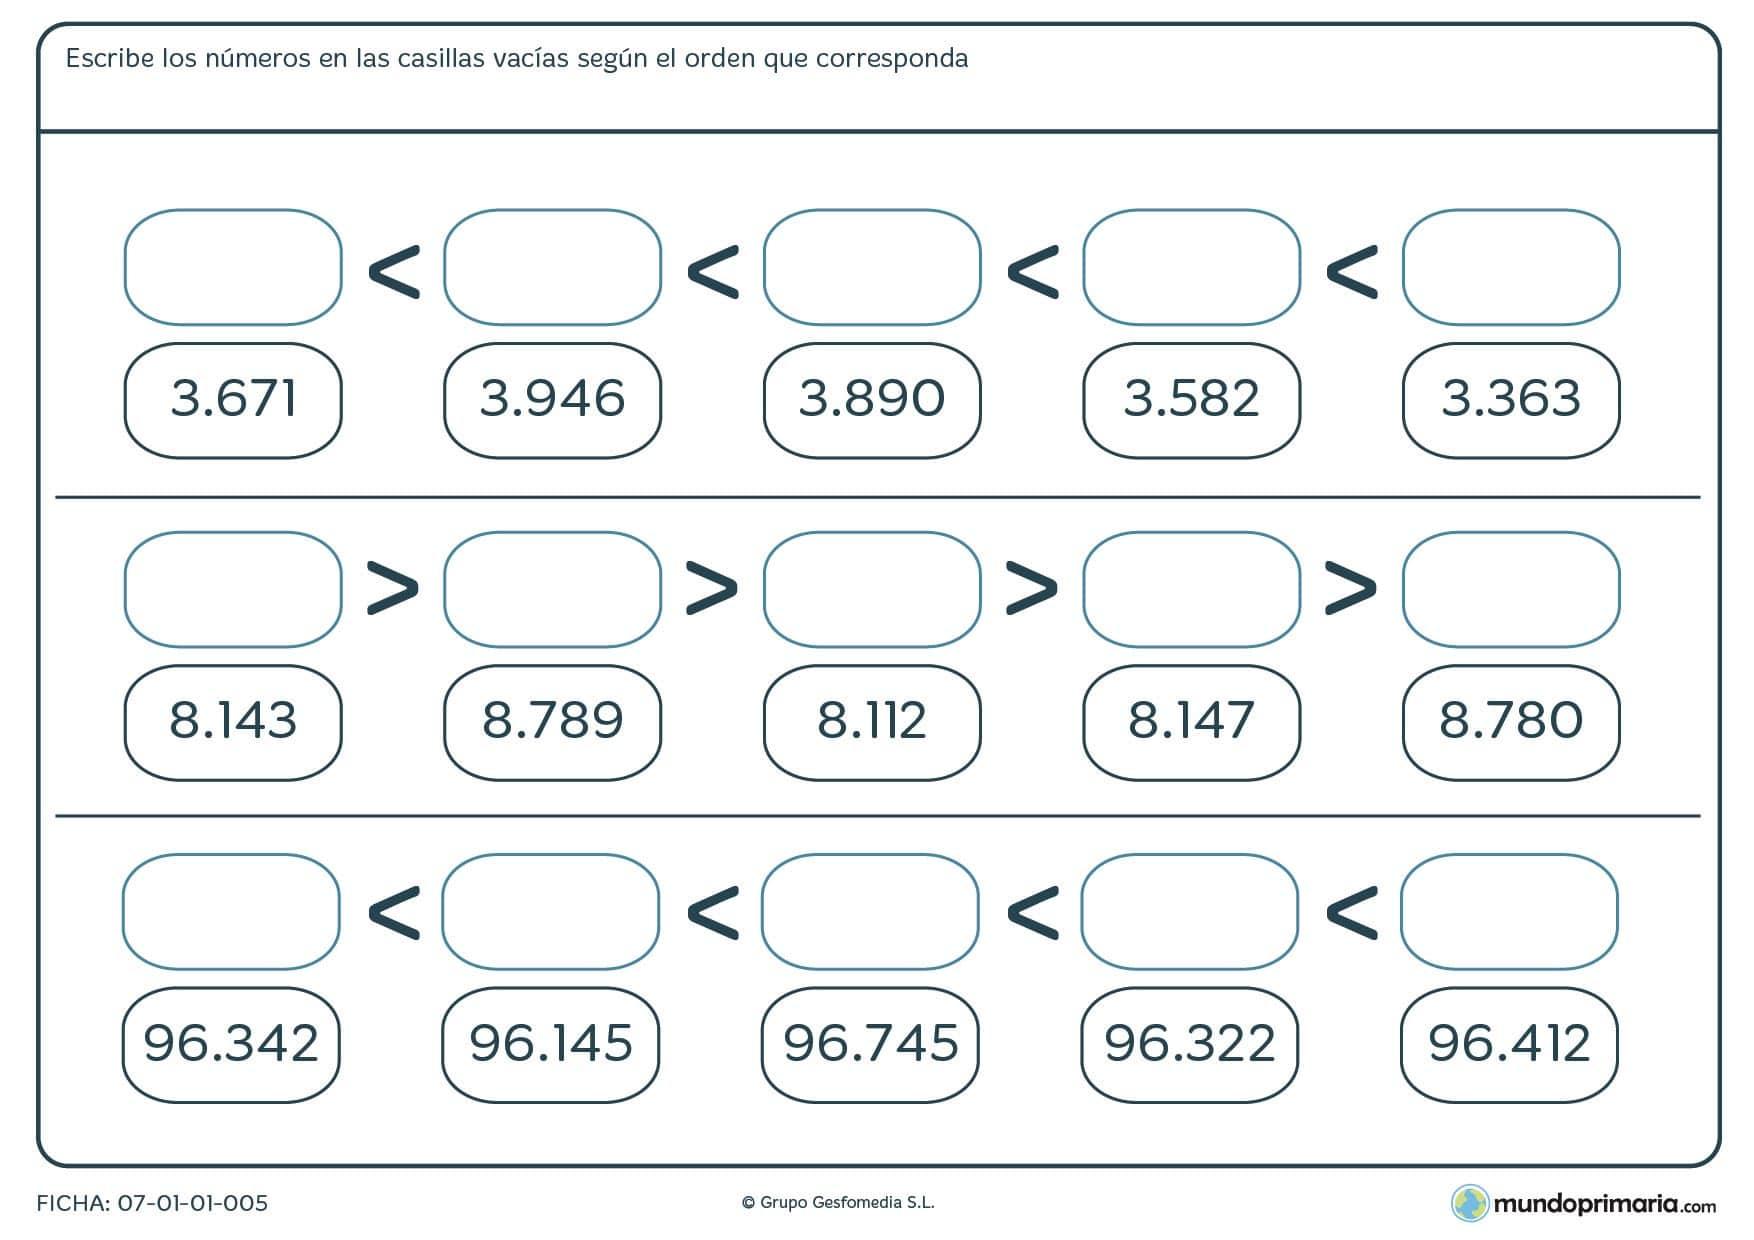 Ficha de menor a mayor números de 5 cifras completando los huecos en blanco de mayor a menor.